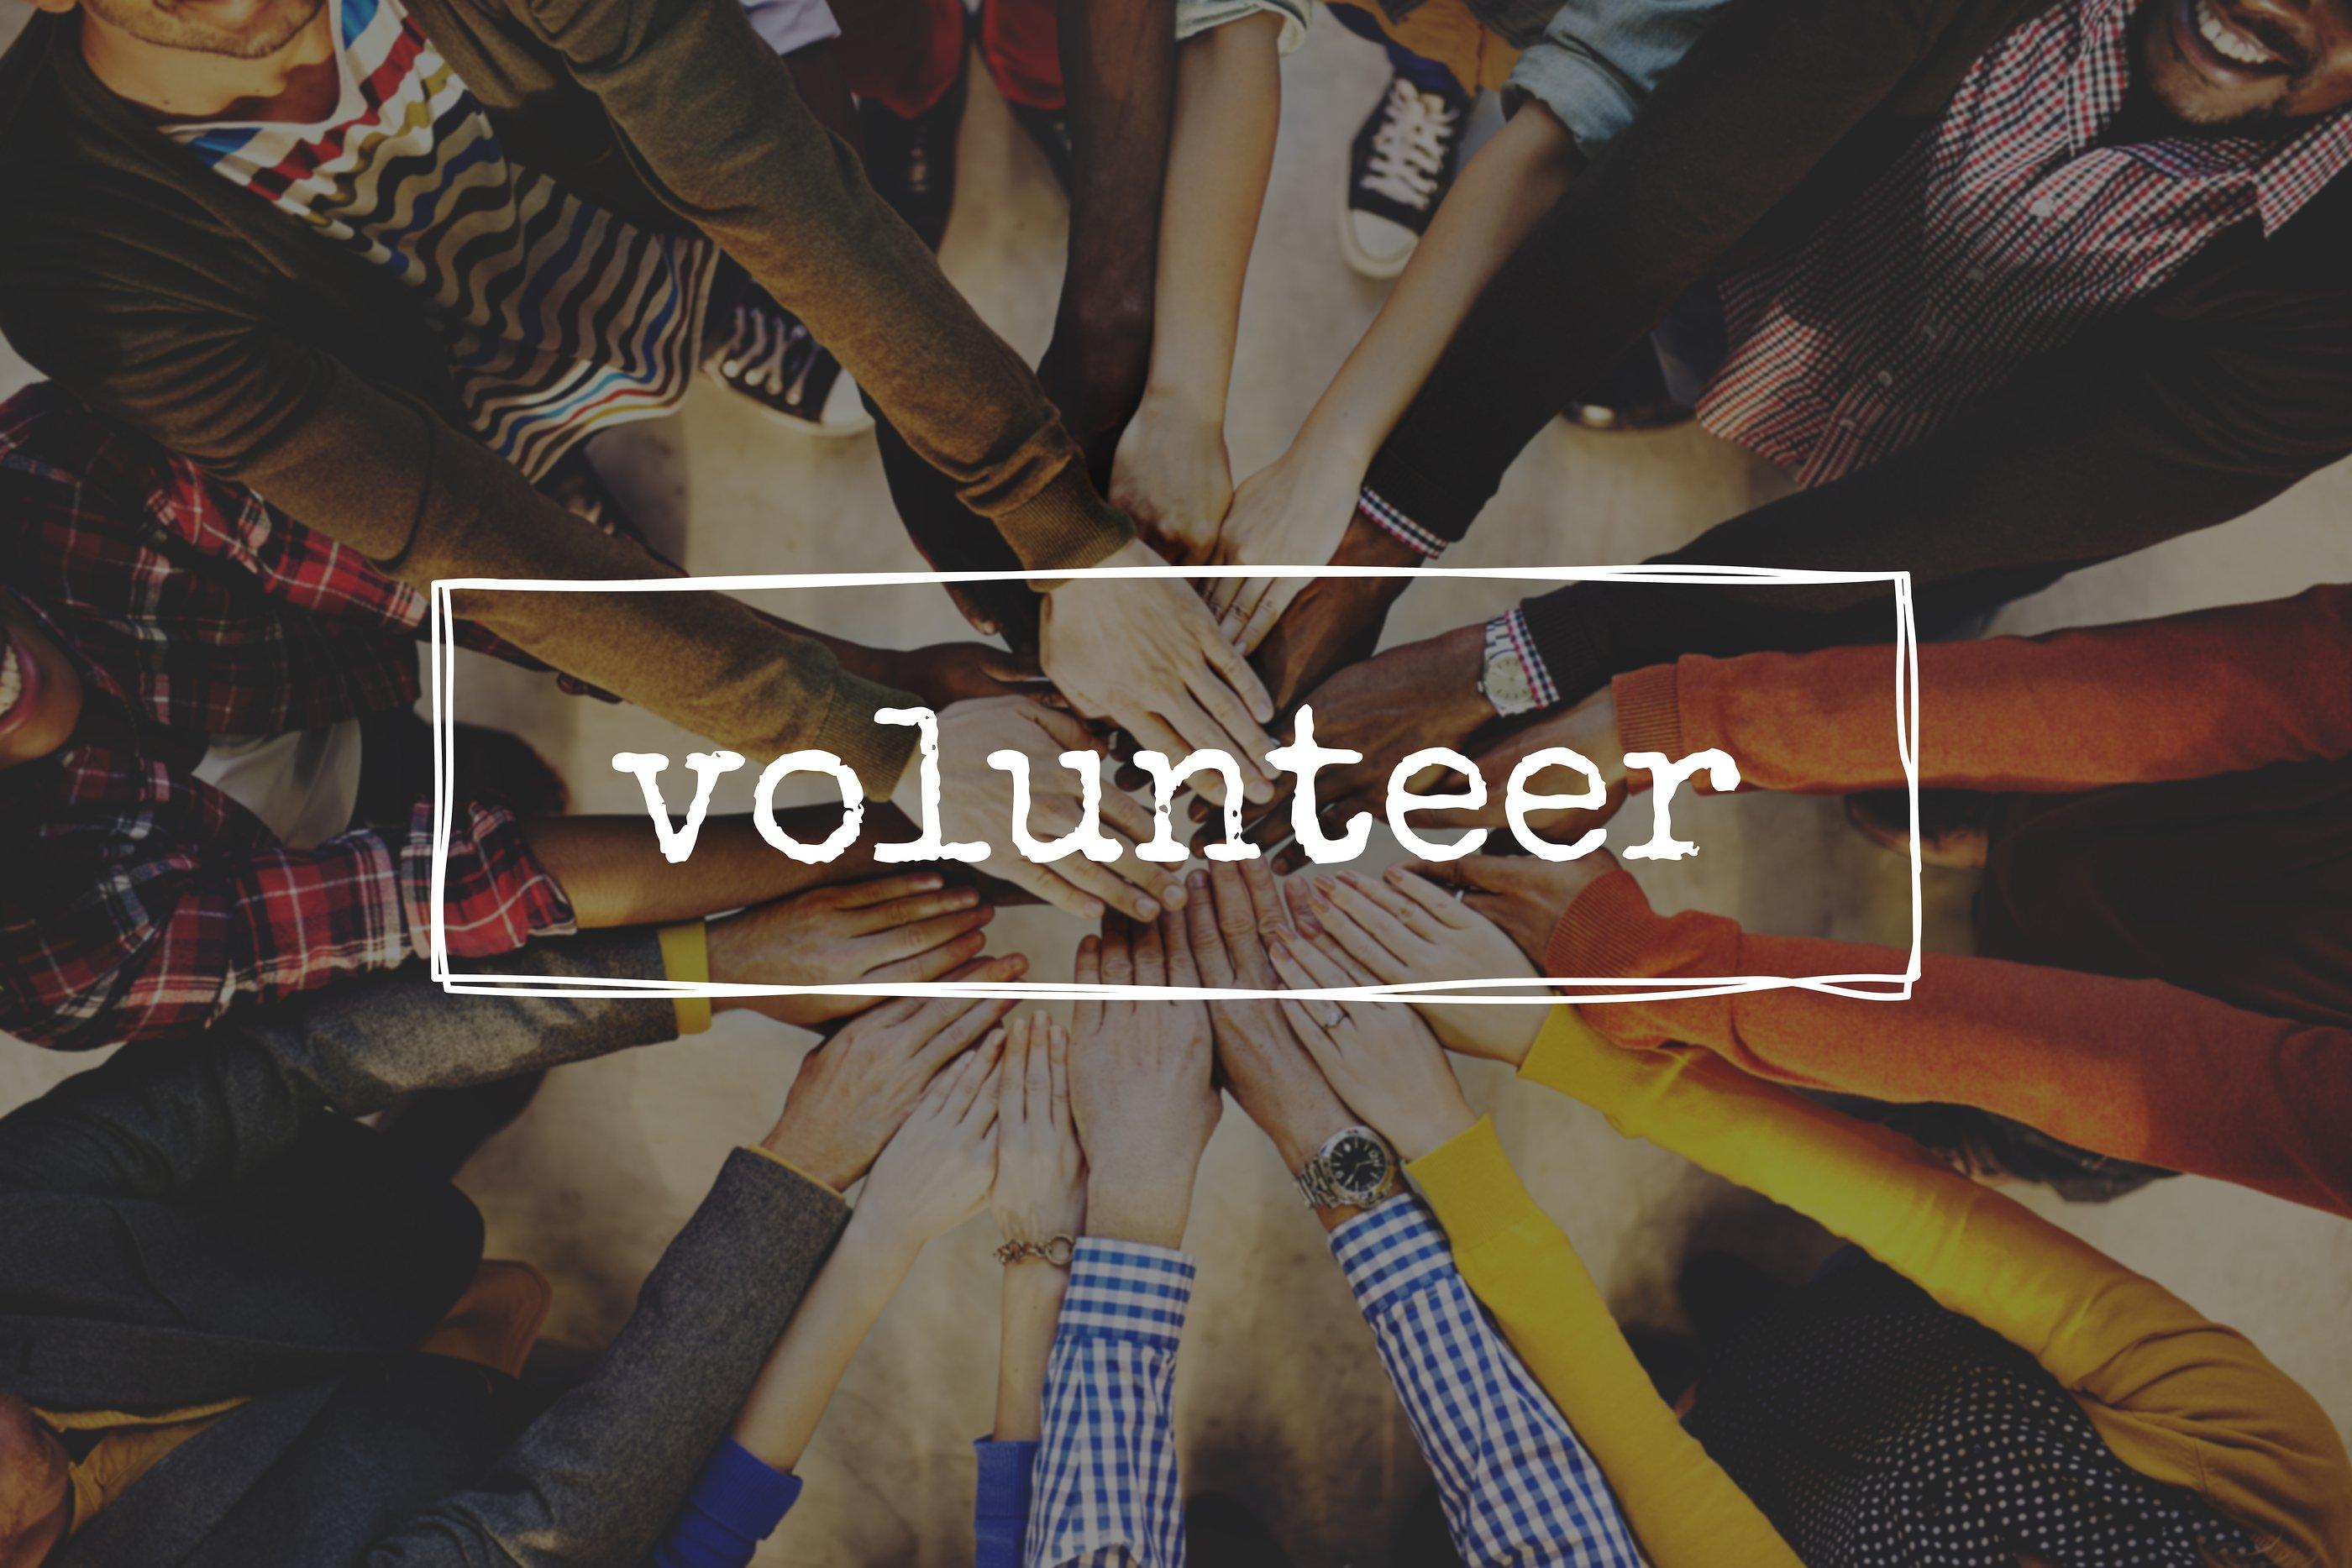 Volunteer in Charleston